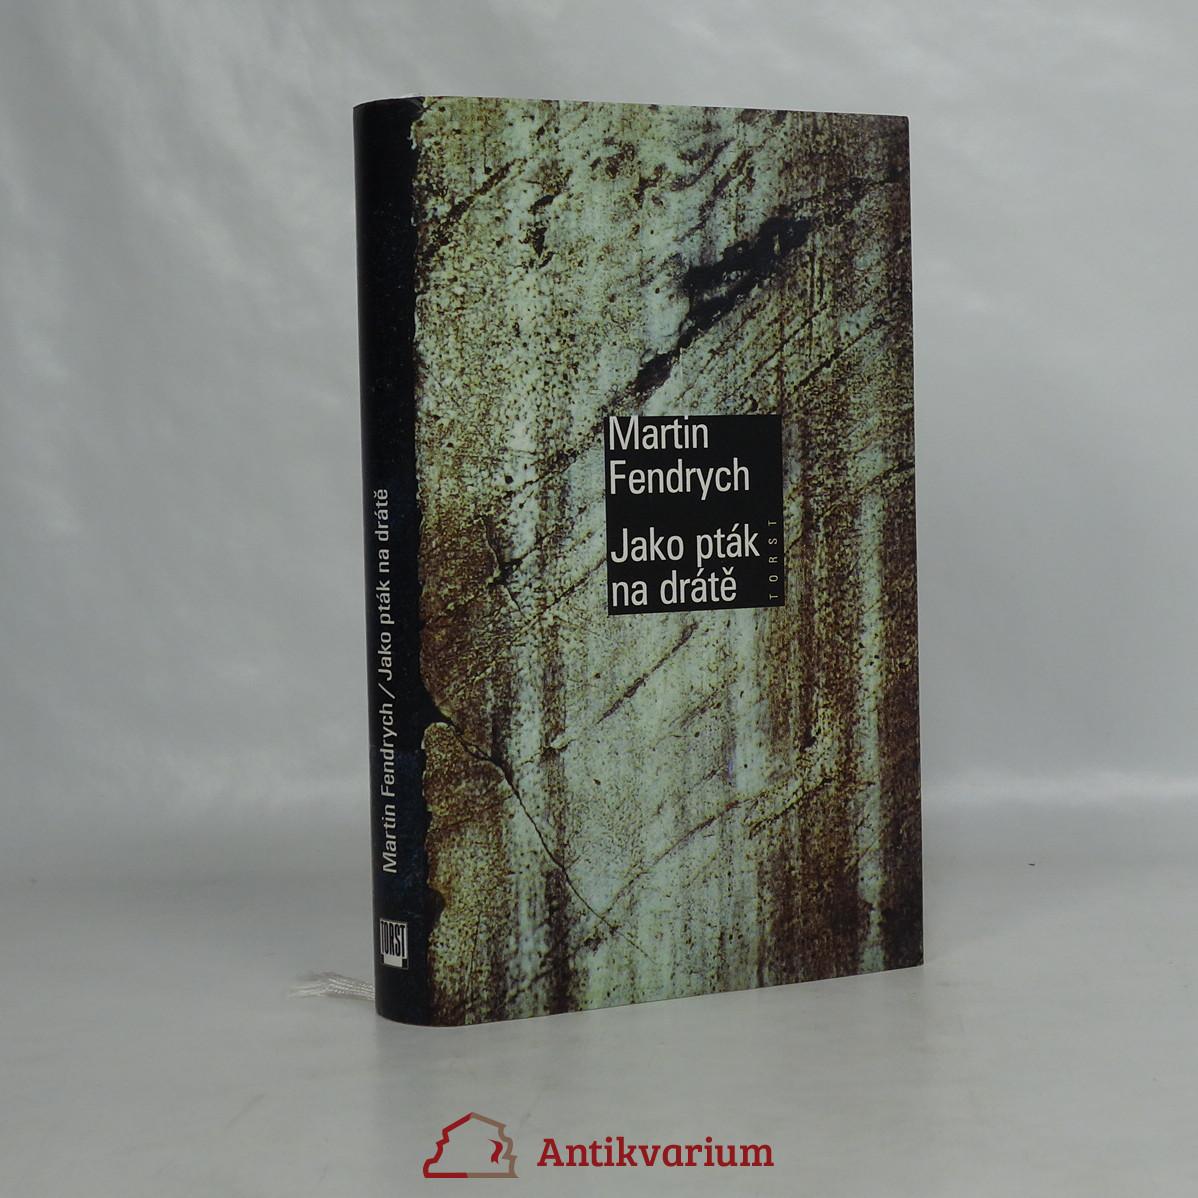 antikvární kniha Jako pták na drátě, 1998